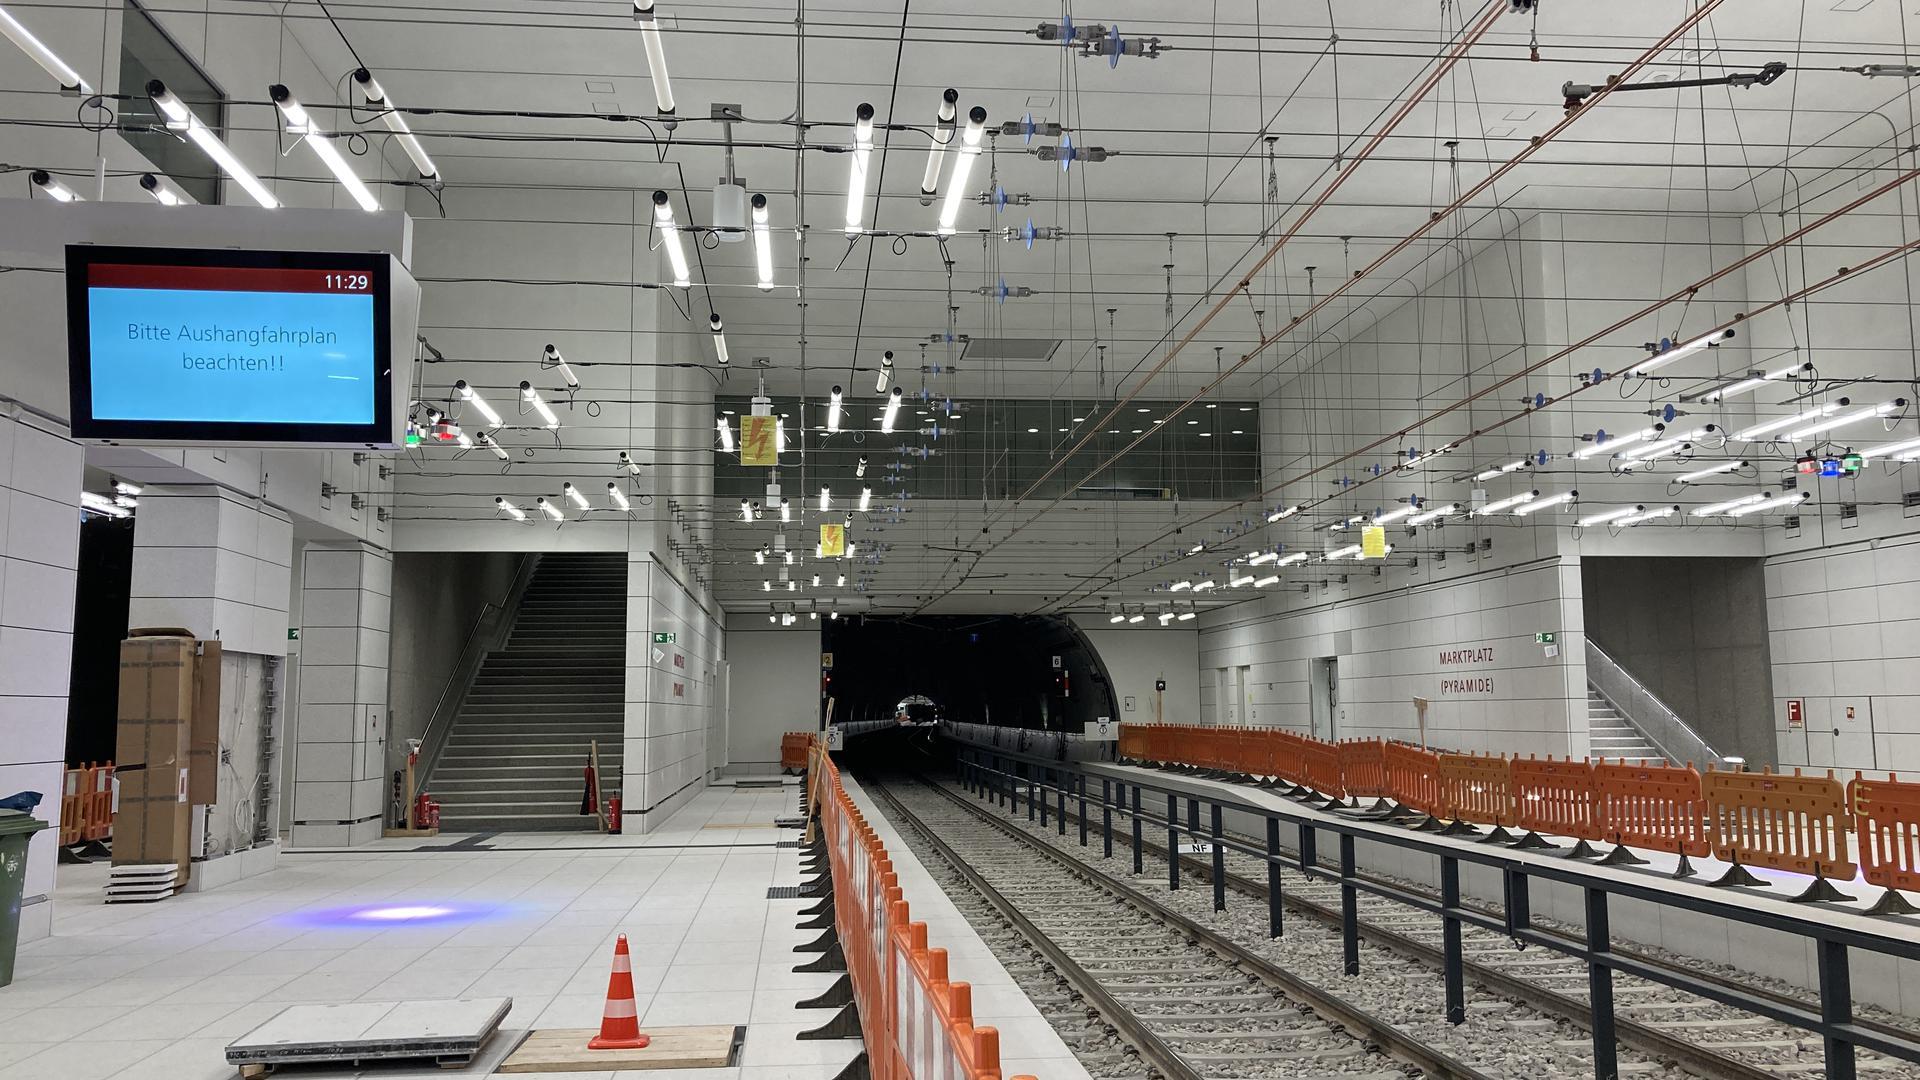 Hier rollen bald Bahnen mit Passagieren: Momentan fährt die U-Strab nur im Testbetrieb. Die unterirdischen Haltestellen erhalten noch letzte Feinschliffe.